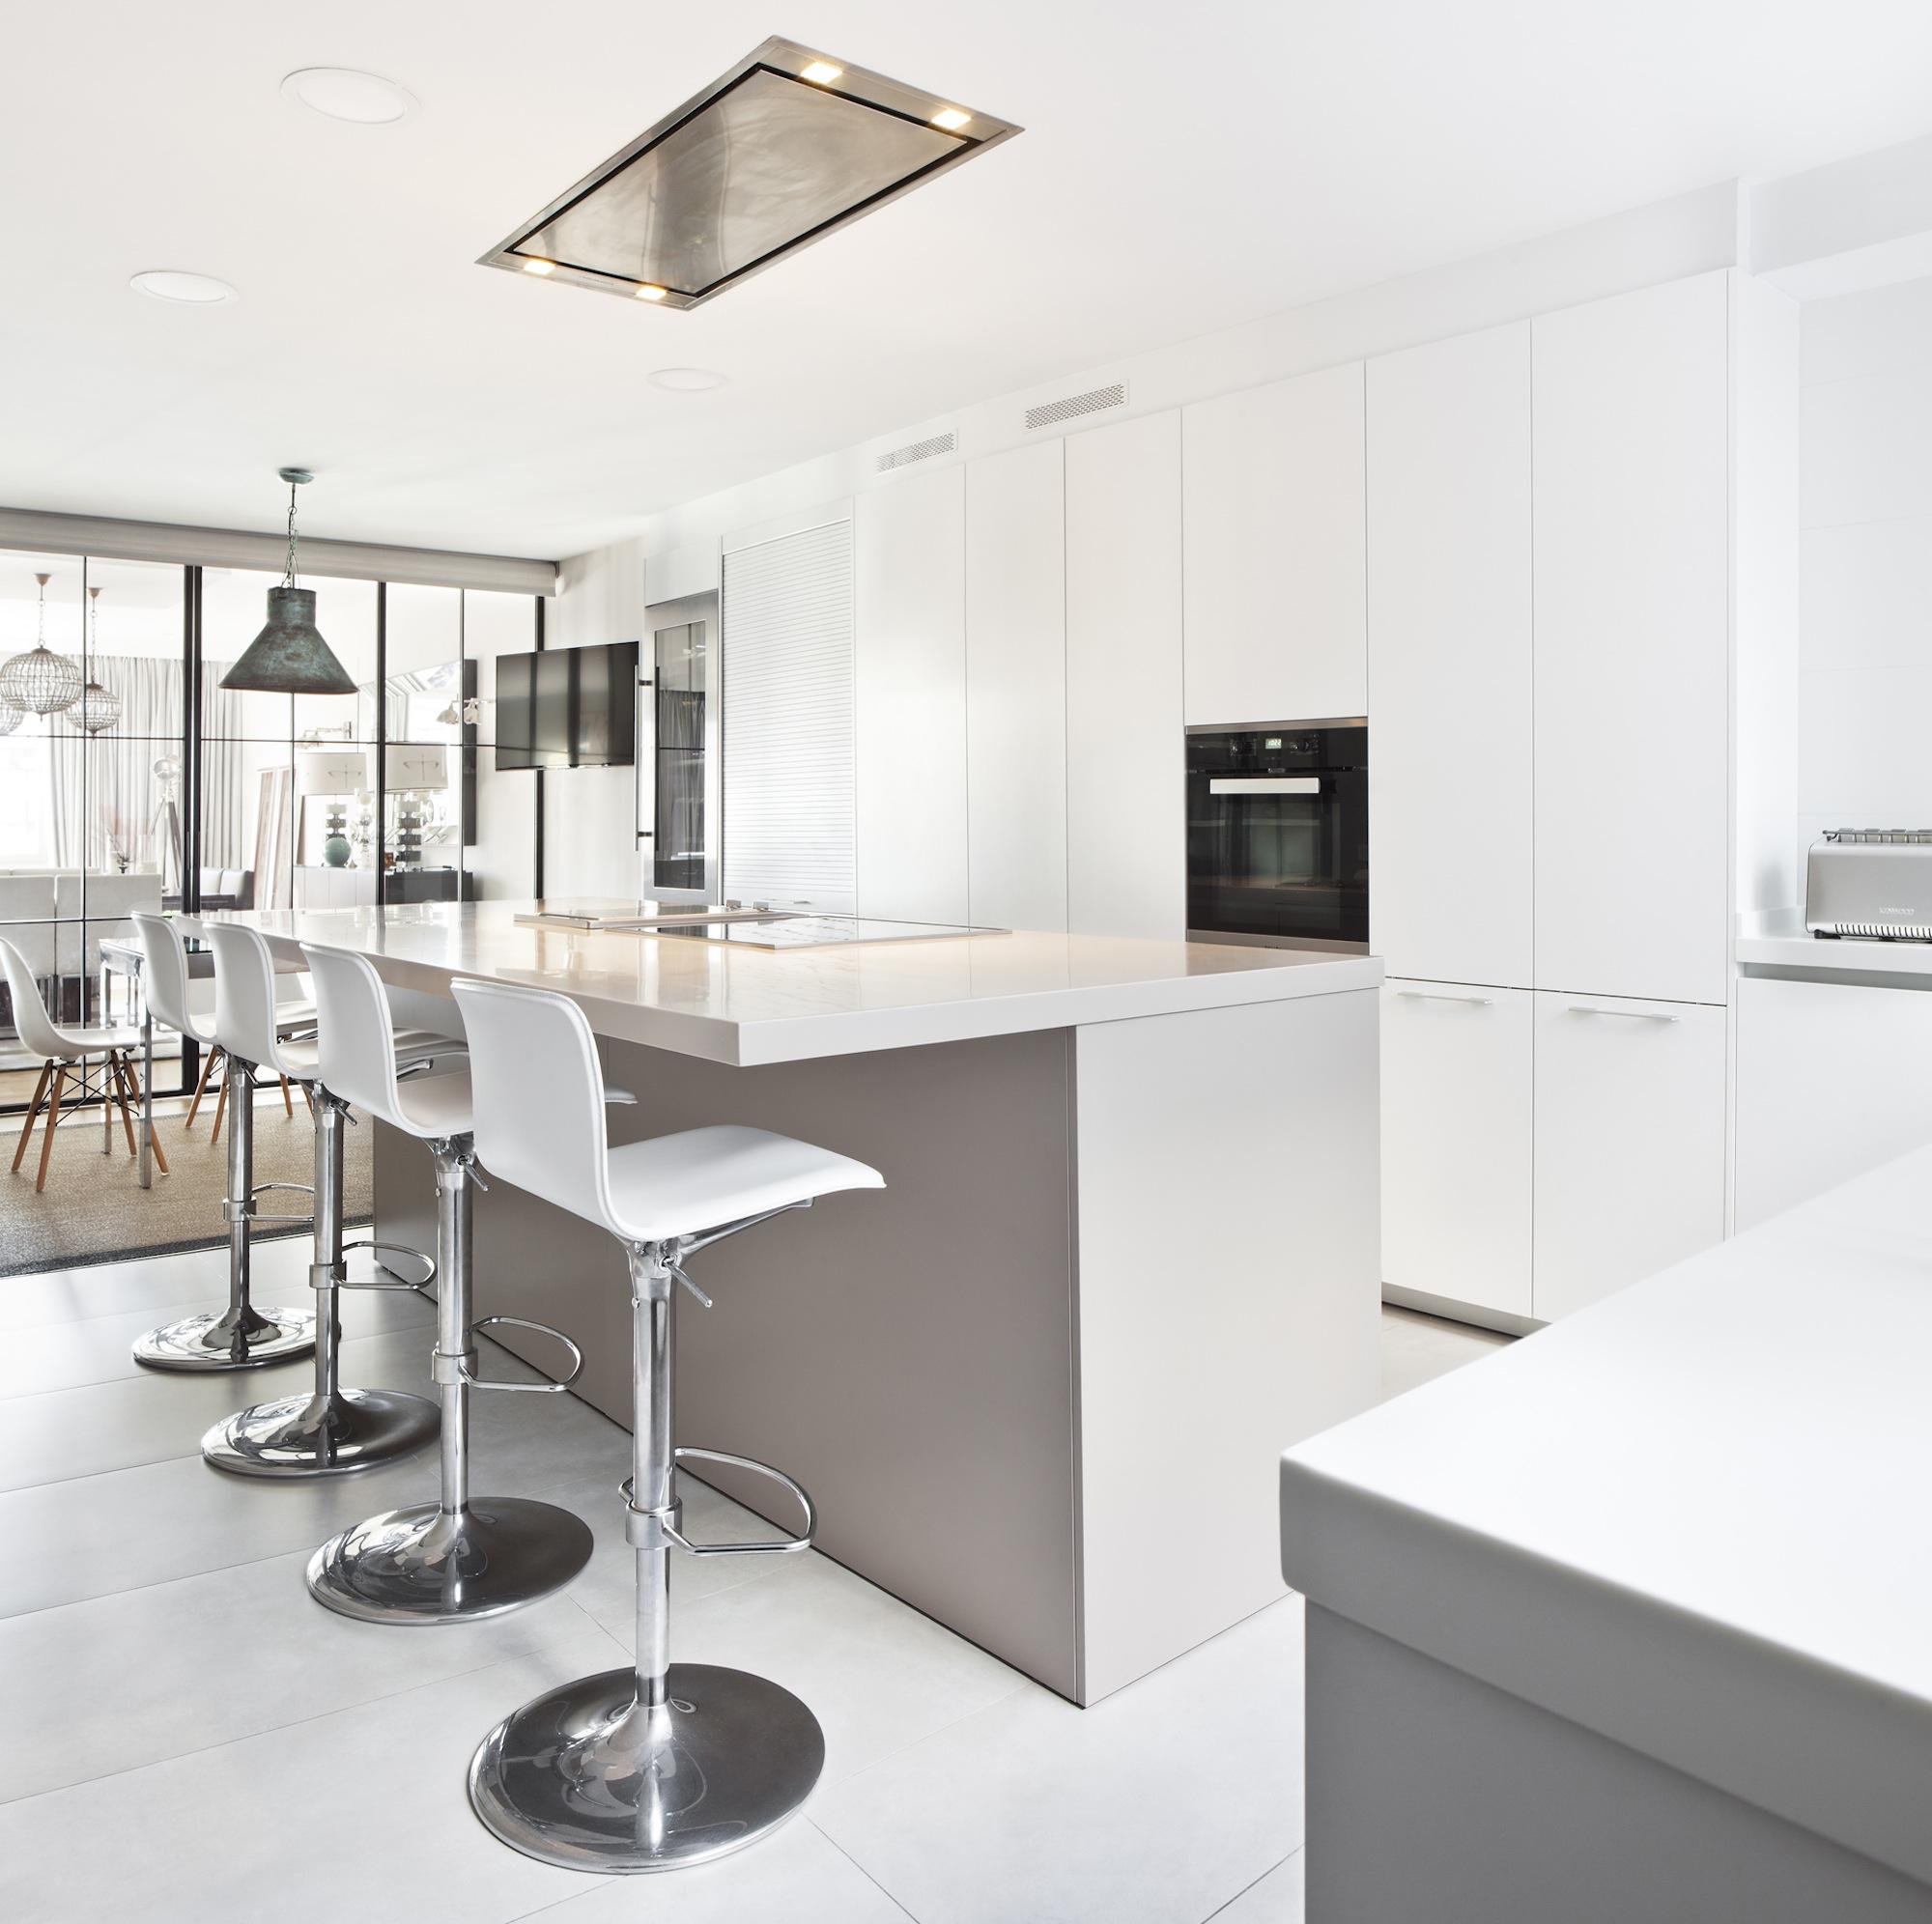 Una buena idea separar la cocina del sal n con una for Separacion cocina salon